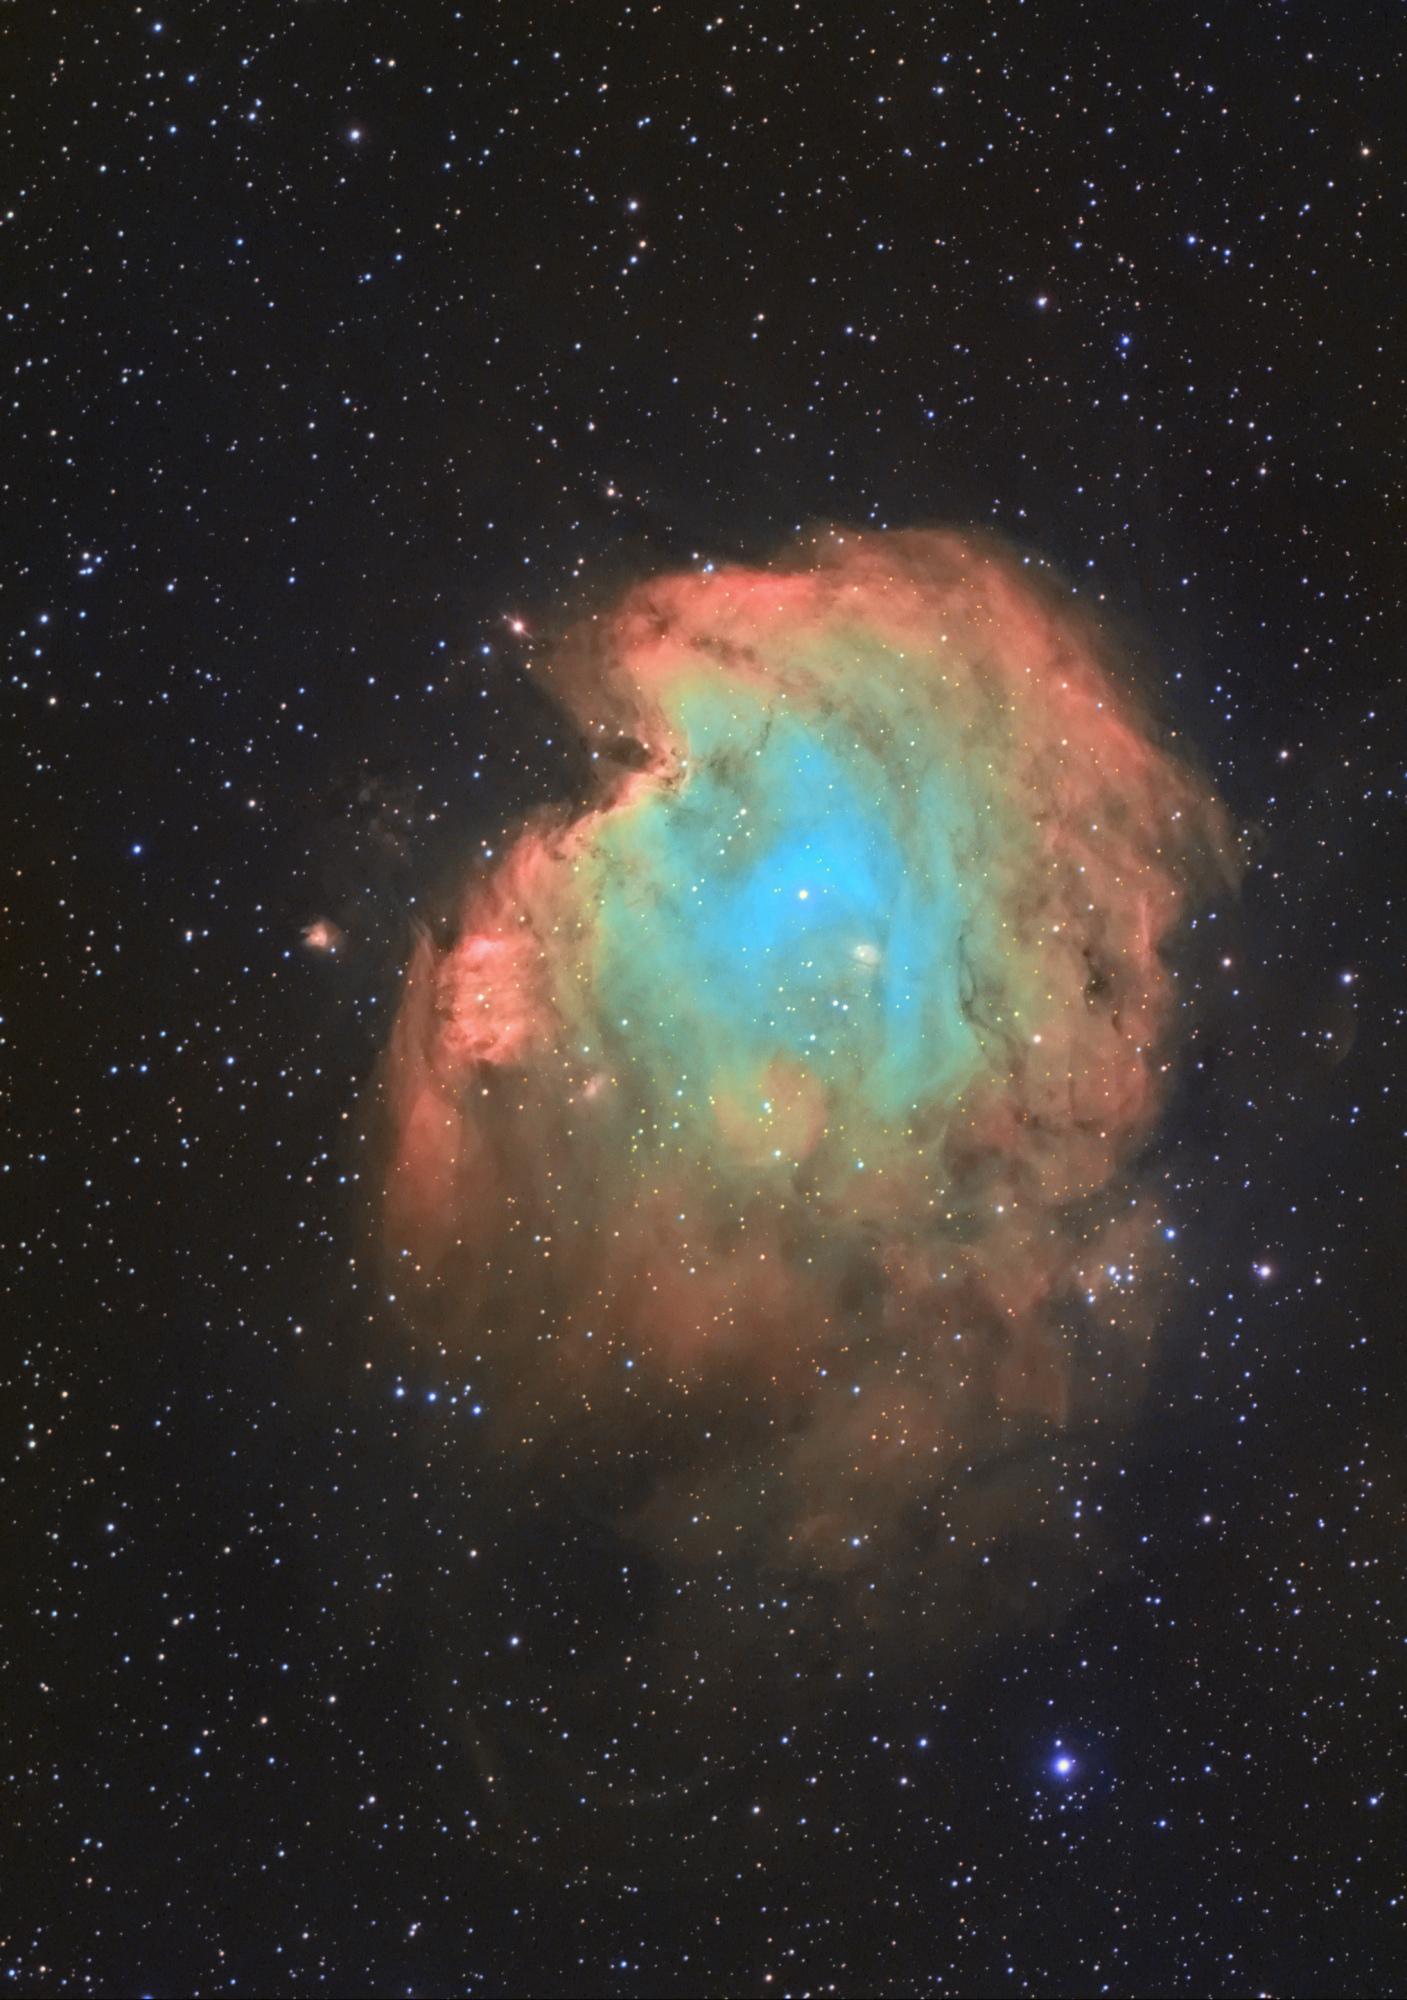 NGC2174V3.thumb.jpg.427297c98d721bd35a16a04403e6e4e8.jpg